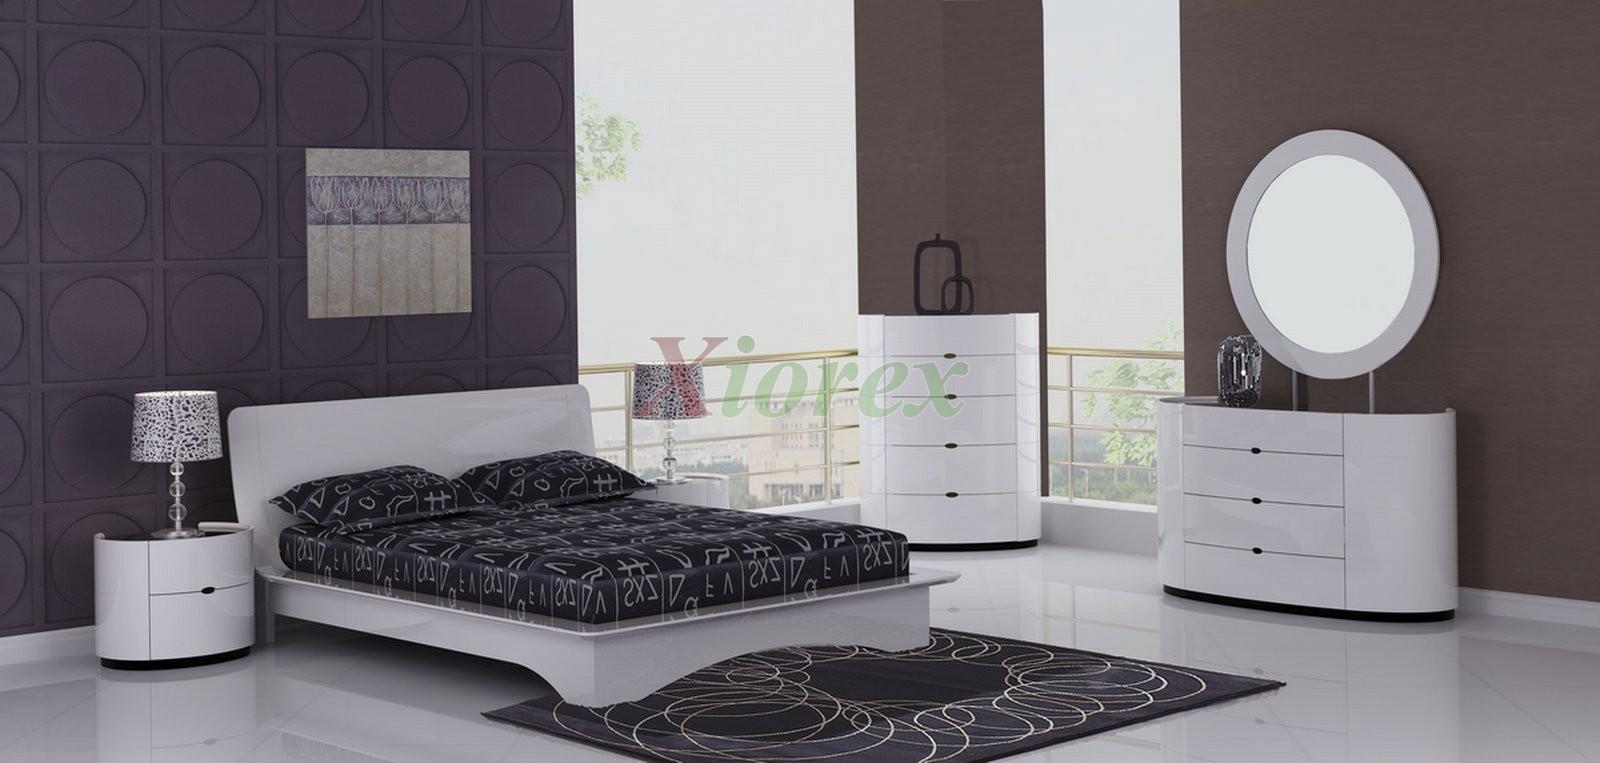 Queen Size Bedroom Furniture Sets Platform Bedroom Sets Queen Size Bedroom Furniture Sets Queen Size